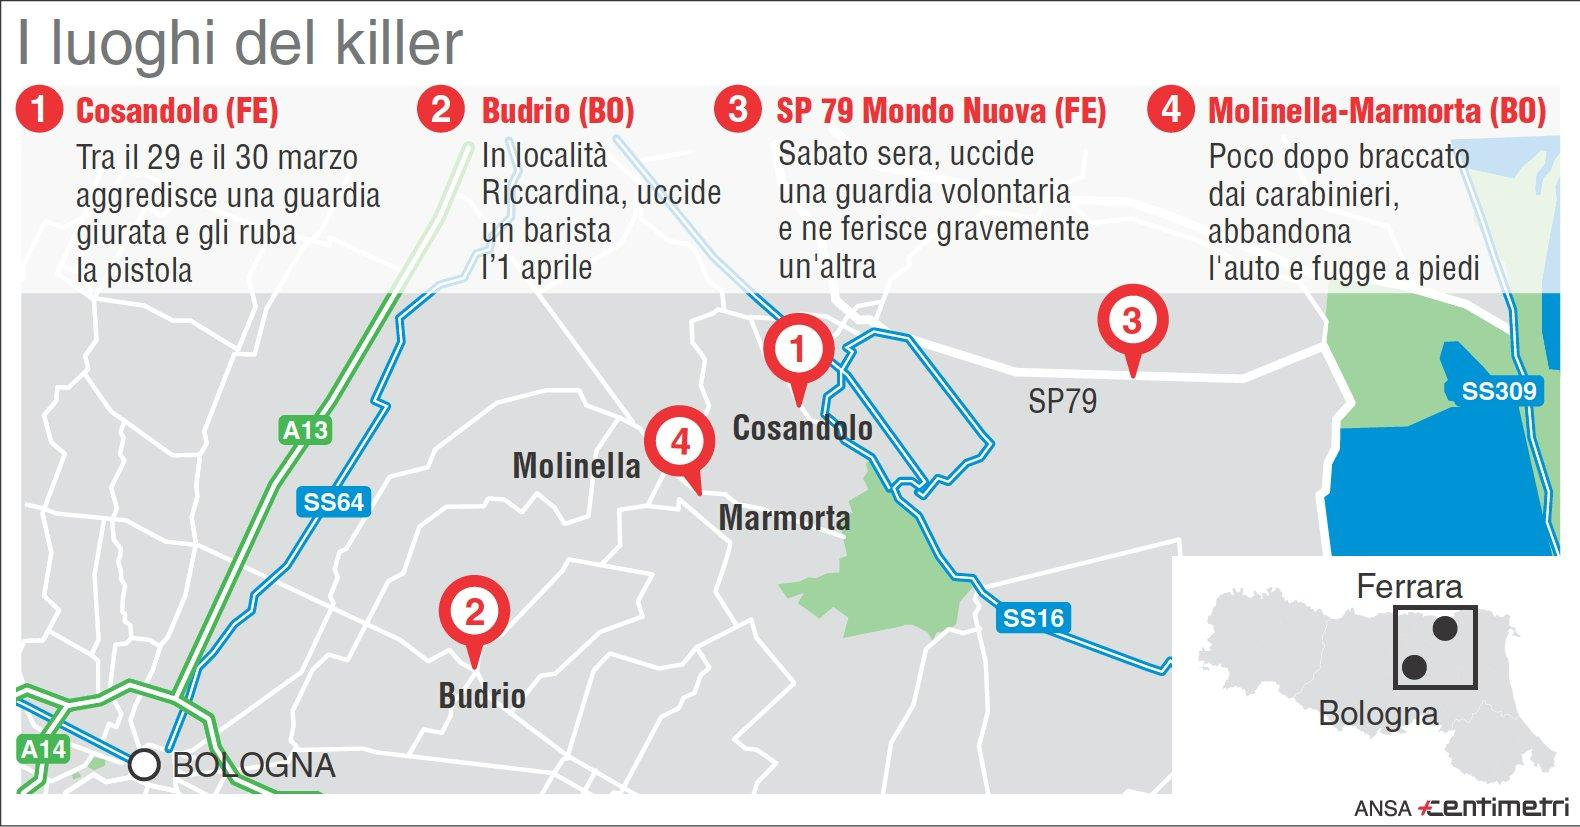 Caccia al killer: i luoghi dove ha colpito Igor il russo